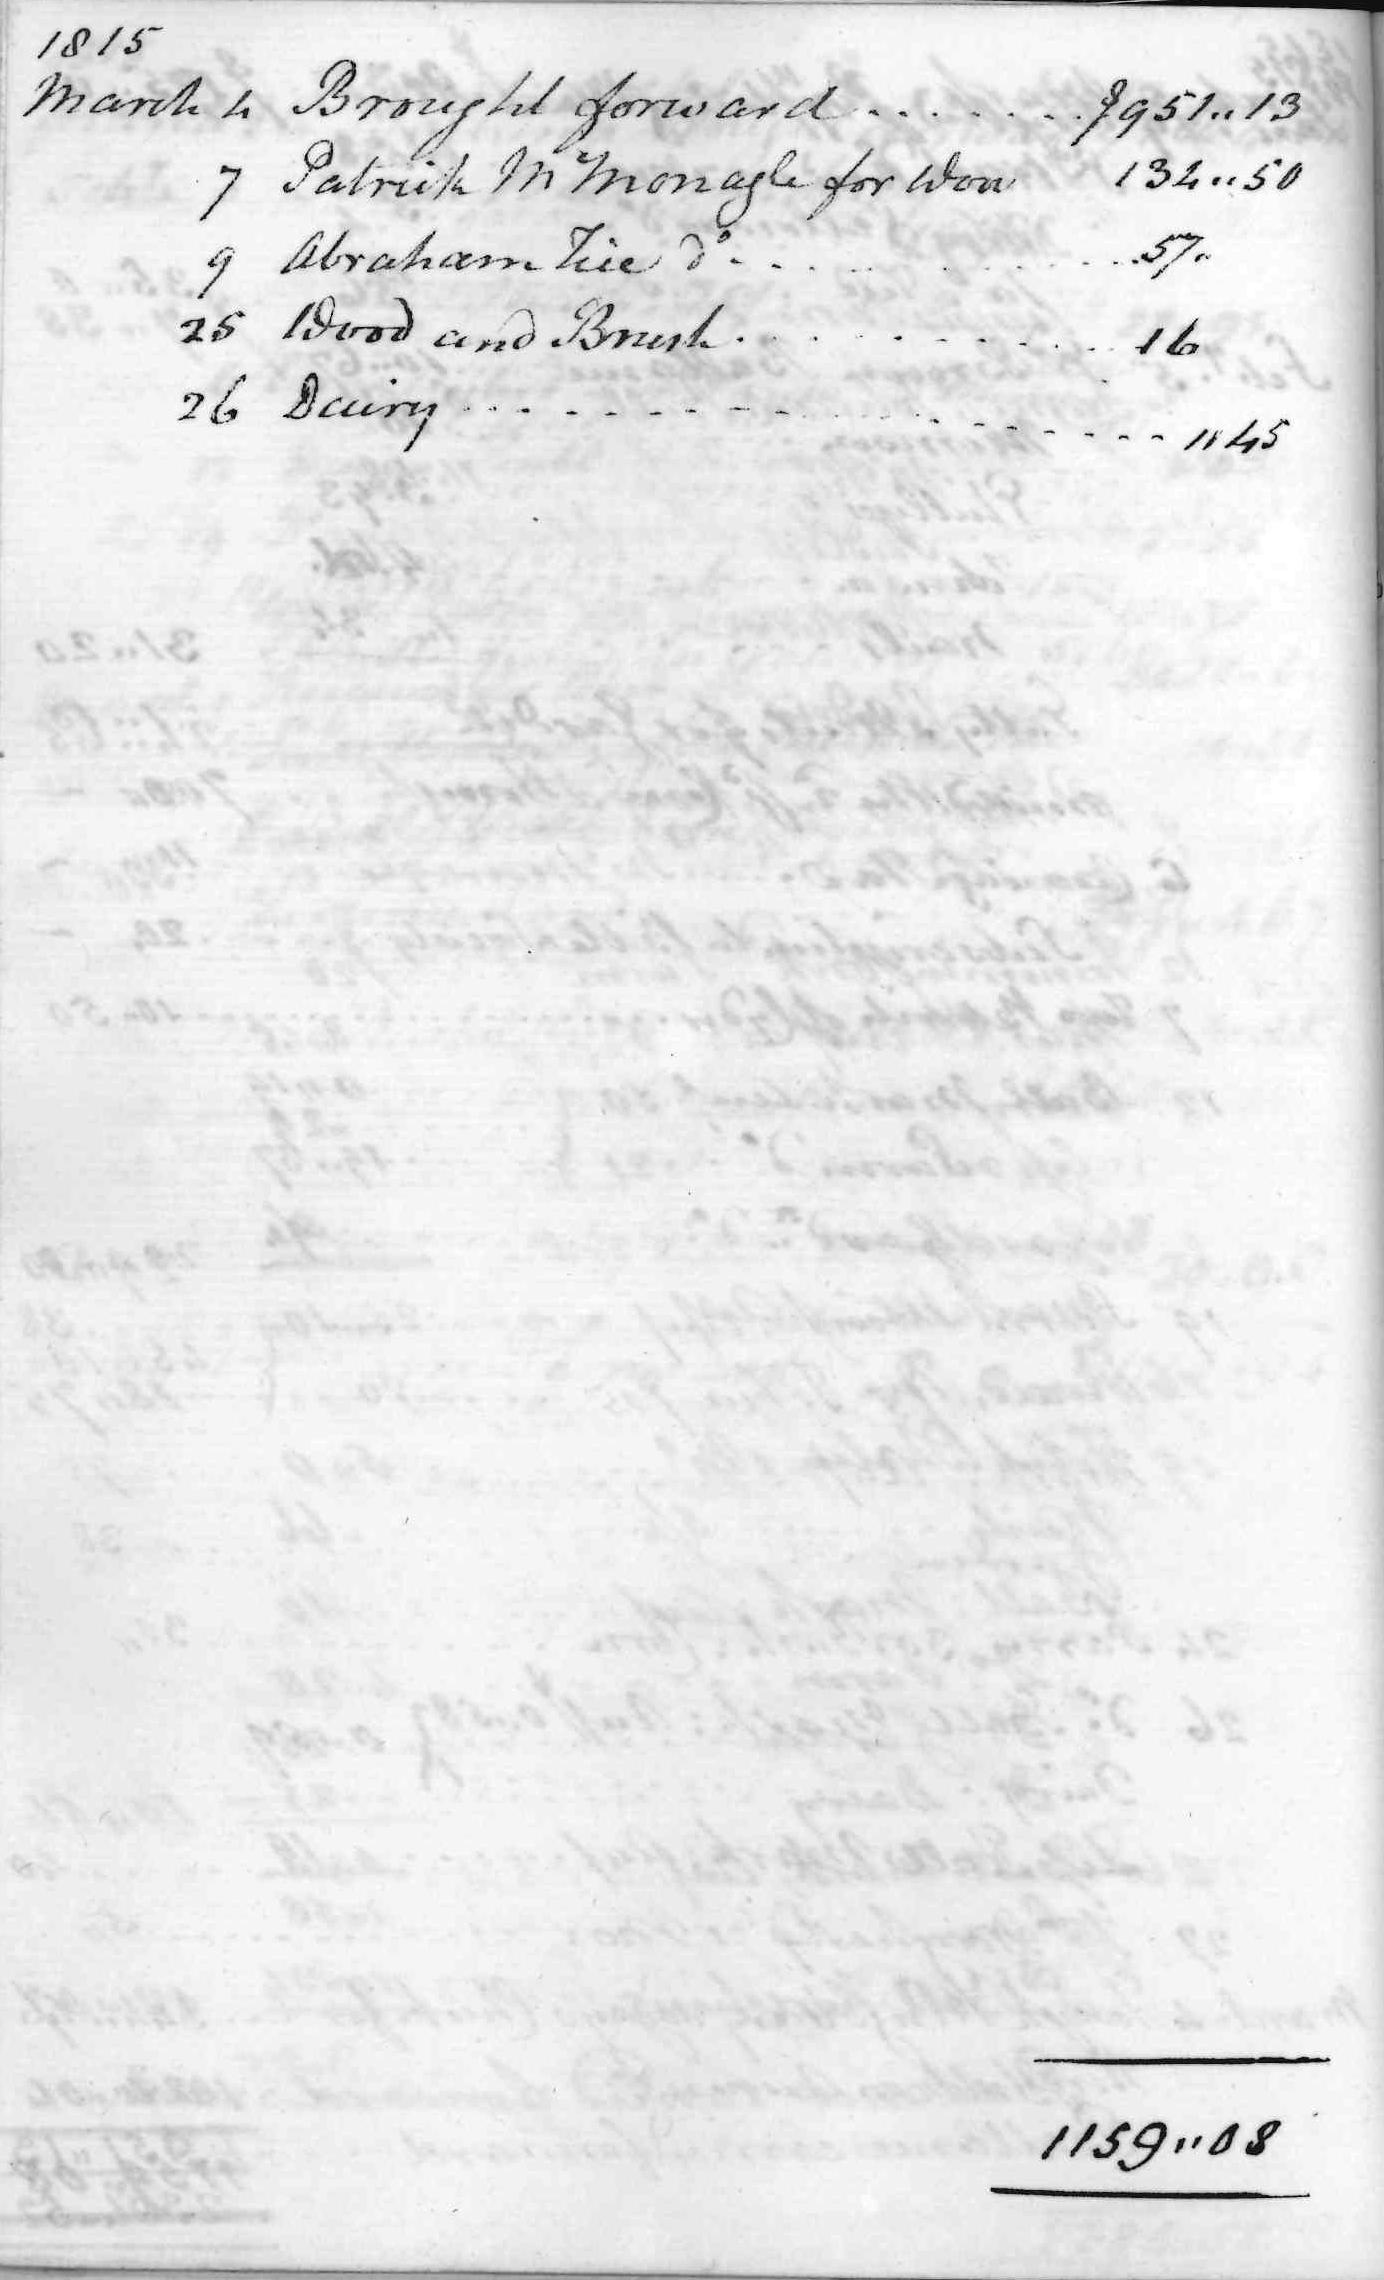 Gouverneur Morris Cash Book, folio 39, left side